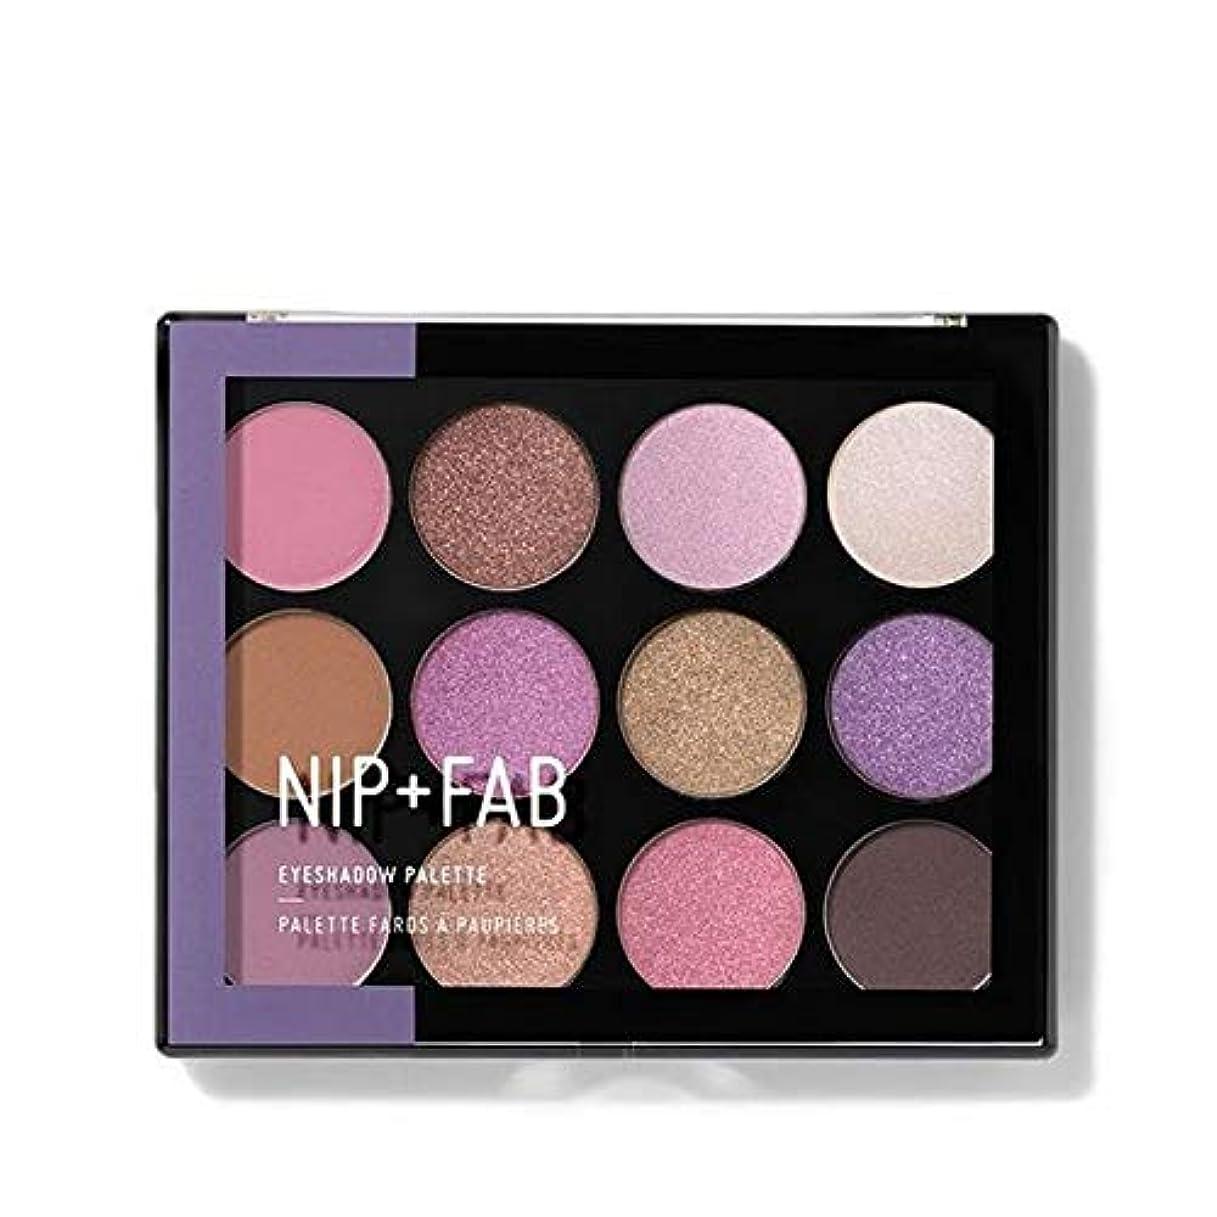 モバイル沈黙歩行者[Nip & Fab ] アイシャドウパレット5を構成するFab +ニップ - NIP+FAB Make Up Eyeshadow Palette 5 [並行輸入品]